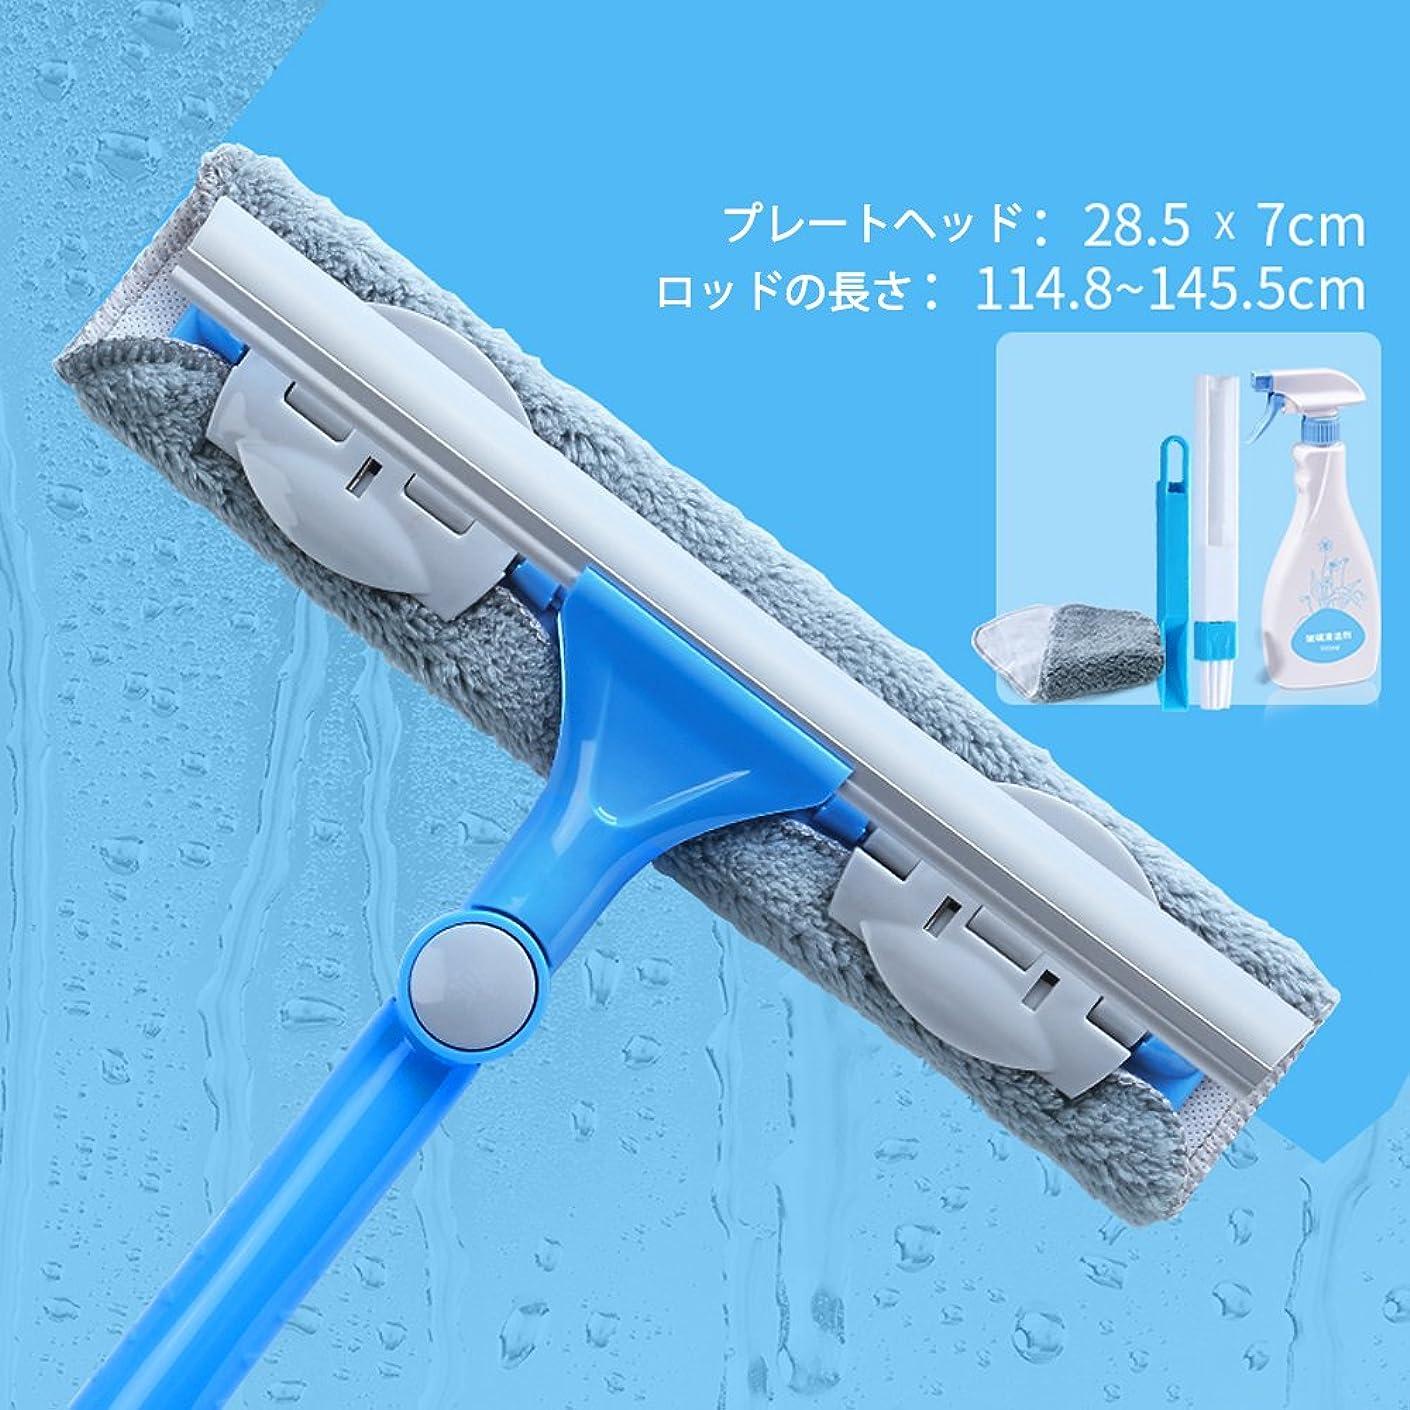 平和工業用しっかり水切りワイパー ガラススクイジー ステンレス製 ガラス掃除プロ用ツール 掃除用具 車用 ガラス 窓 浴室 伸縮可能ハンドル 梅雨、結露の水滴取りなど ブルー